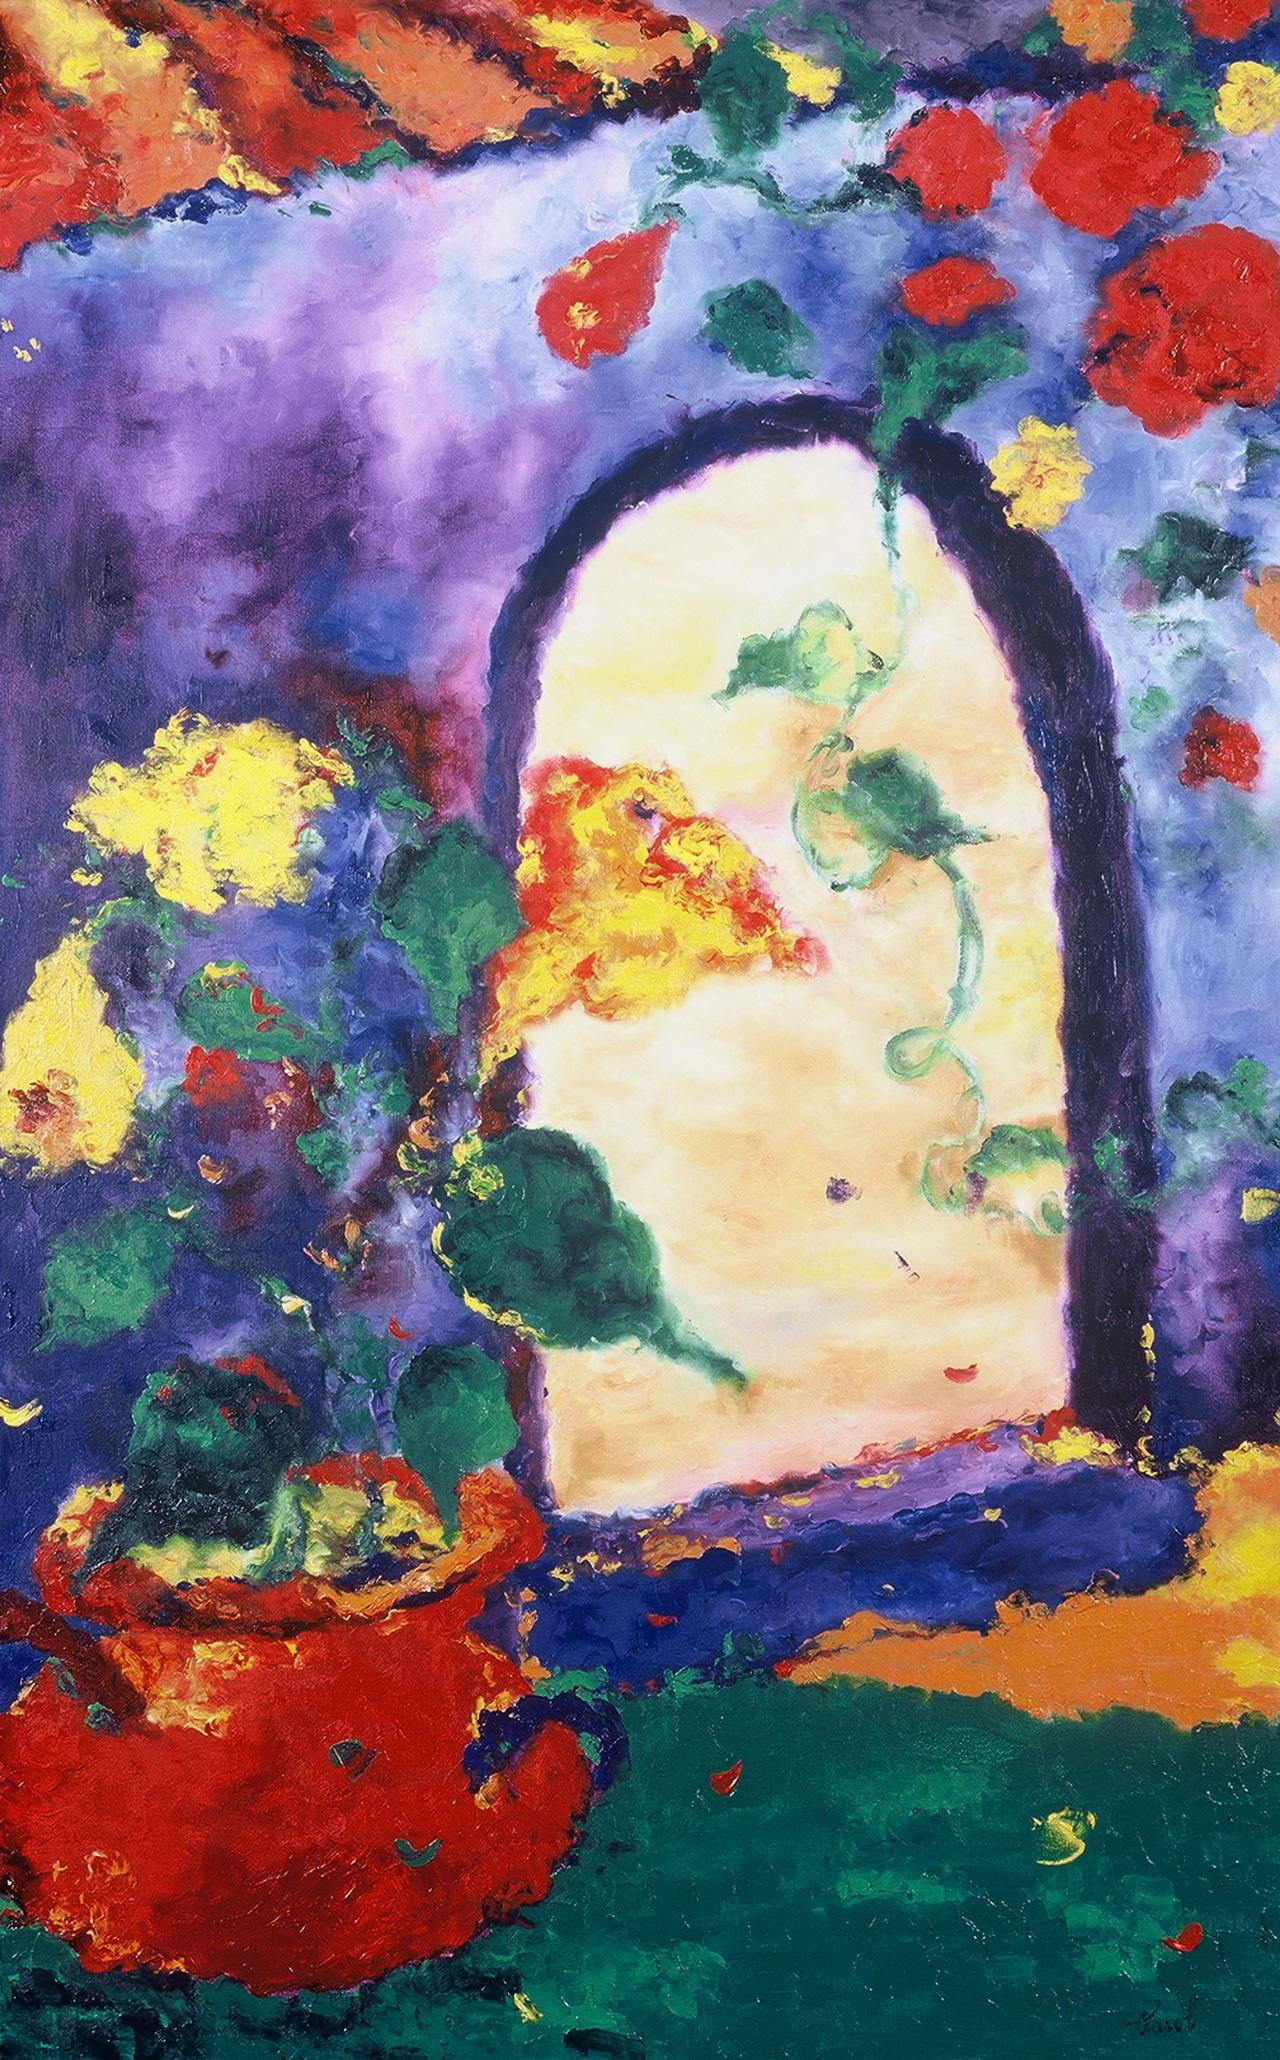 Maryse Casol, Geranium de Murano painting